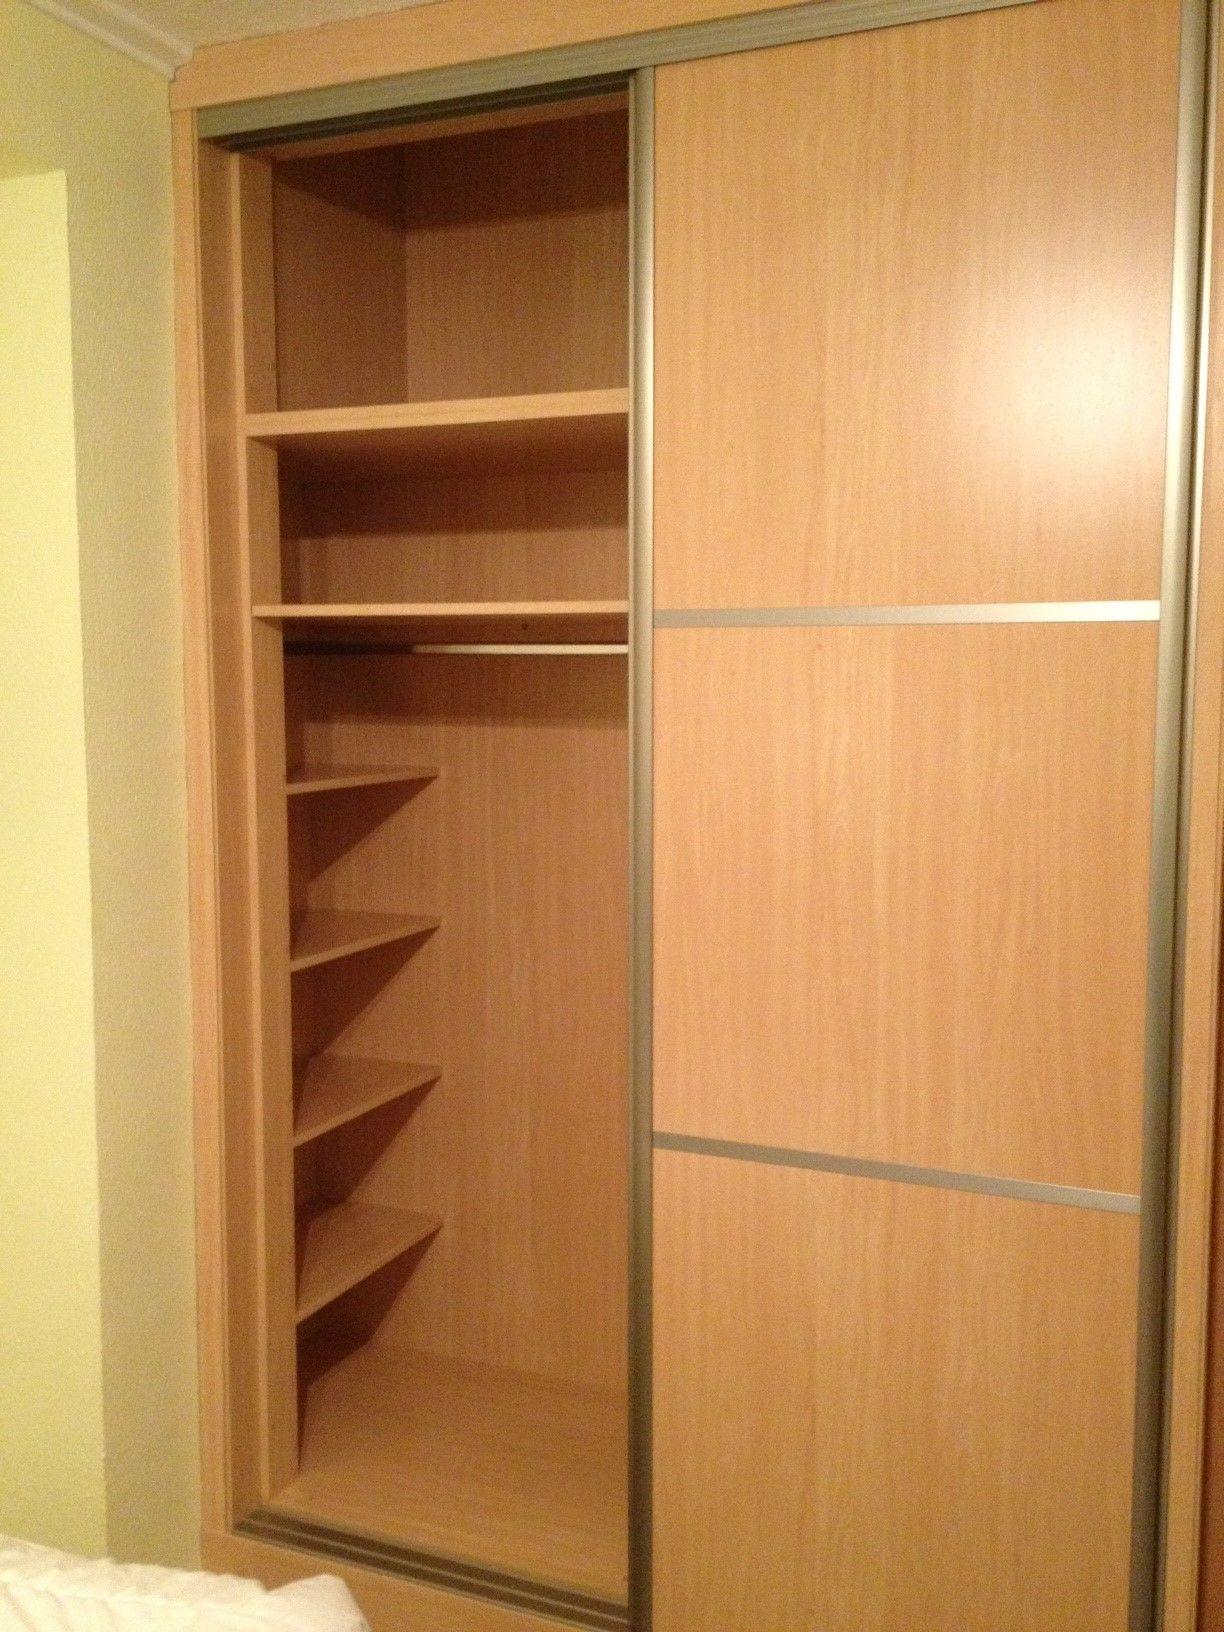 Interiores de armarios cat logo de cerrajer a y puertas - Interiores de armarios ...